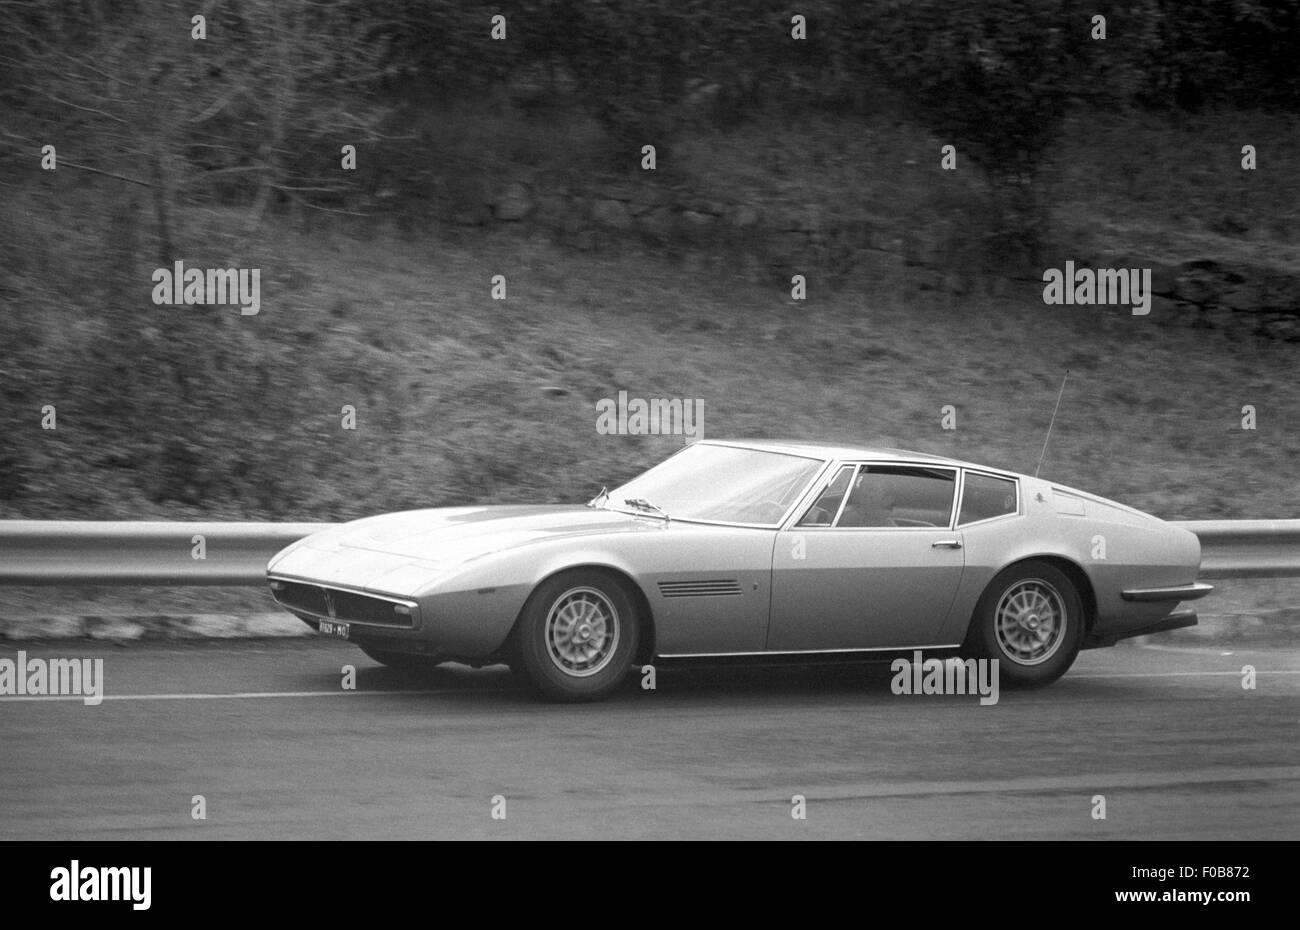 Maserati Ghibli produzione Gran Turismo in azione Immagini Stock